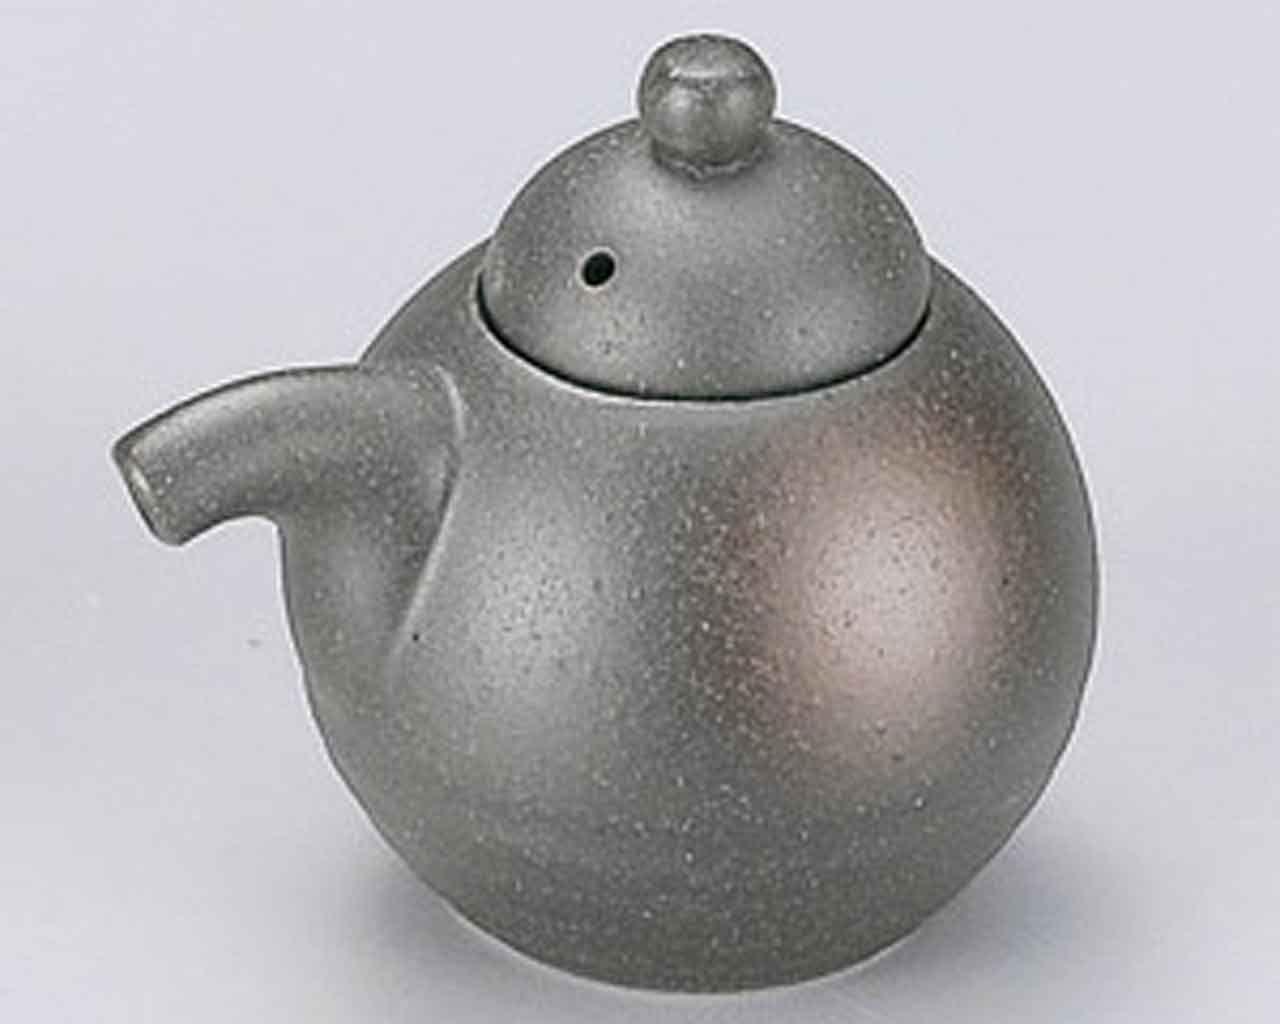 Bizen 3.3inch Soy Sauce Dispenser Grey porcelain Made in Japan